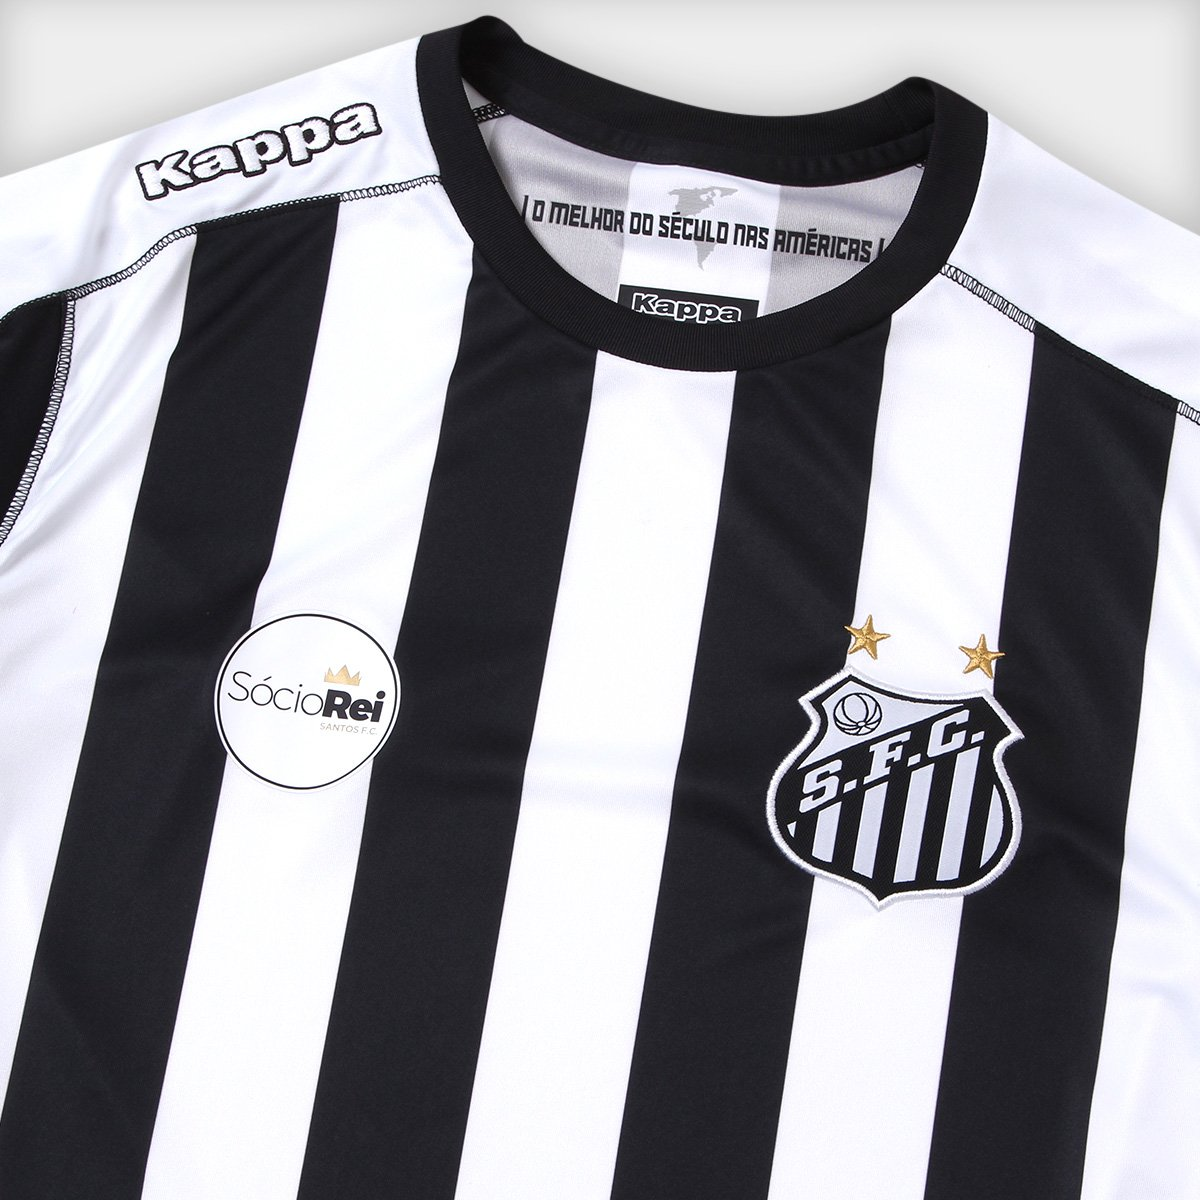 f90841cabc286 Camisa Santos II 17 18 s n° Manga Longa - Torcedor Kappa Masculina - Branco  e Preto